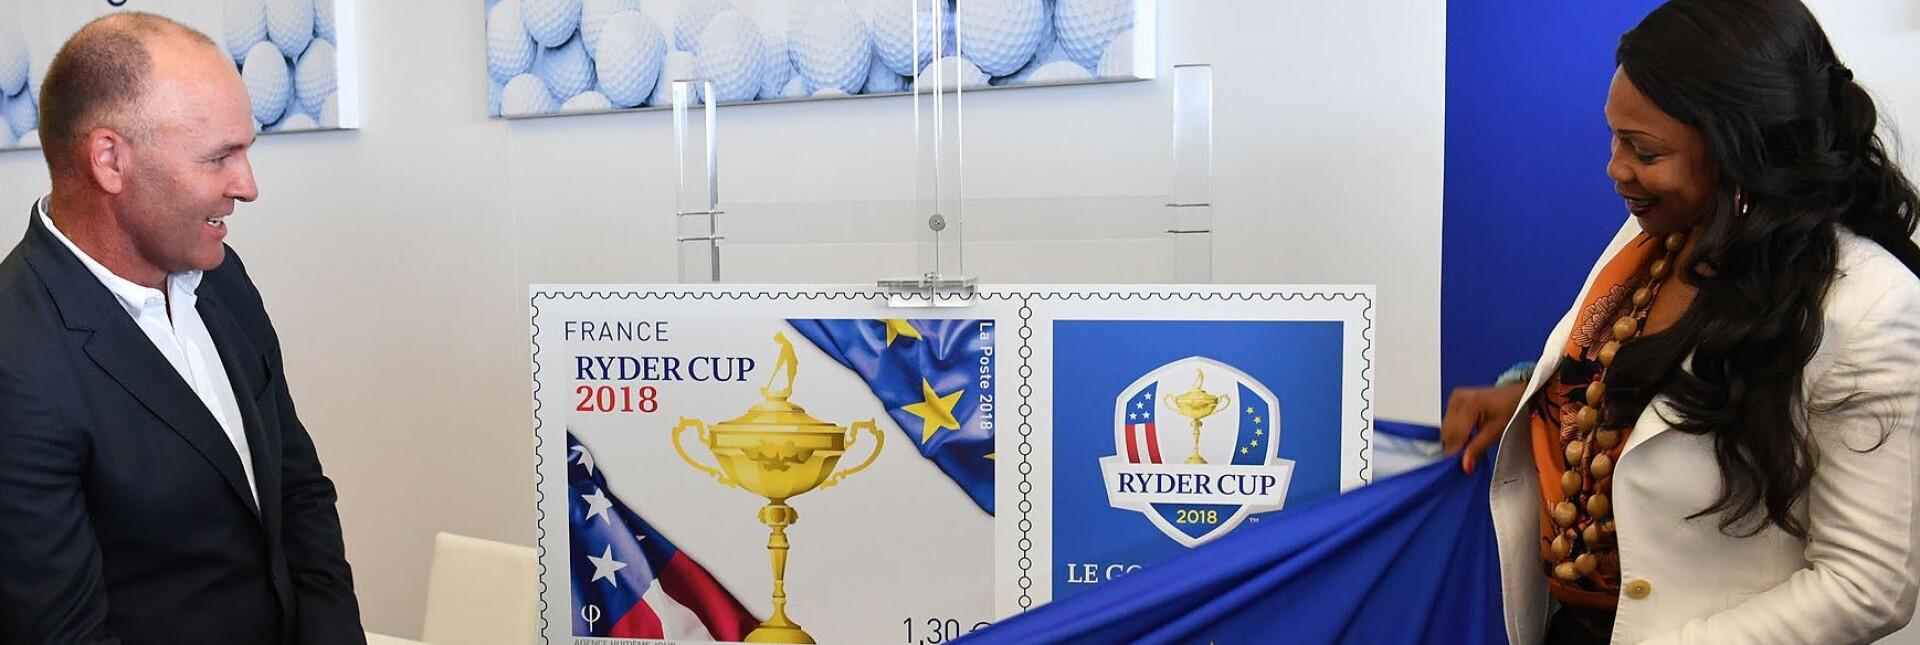 Ryder Cup Stamp hero.jpg